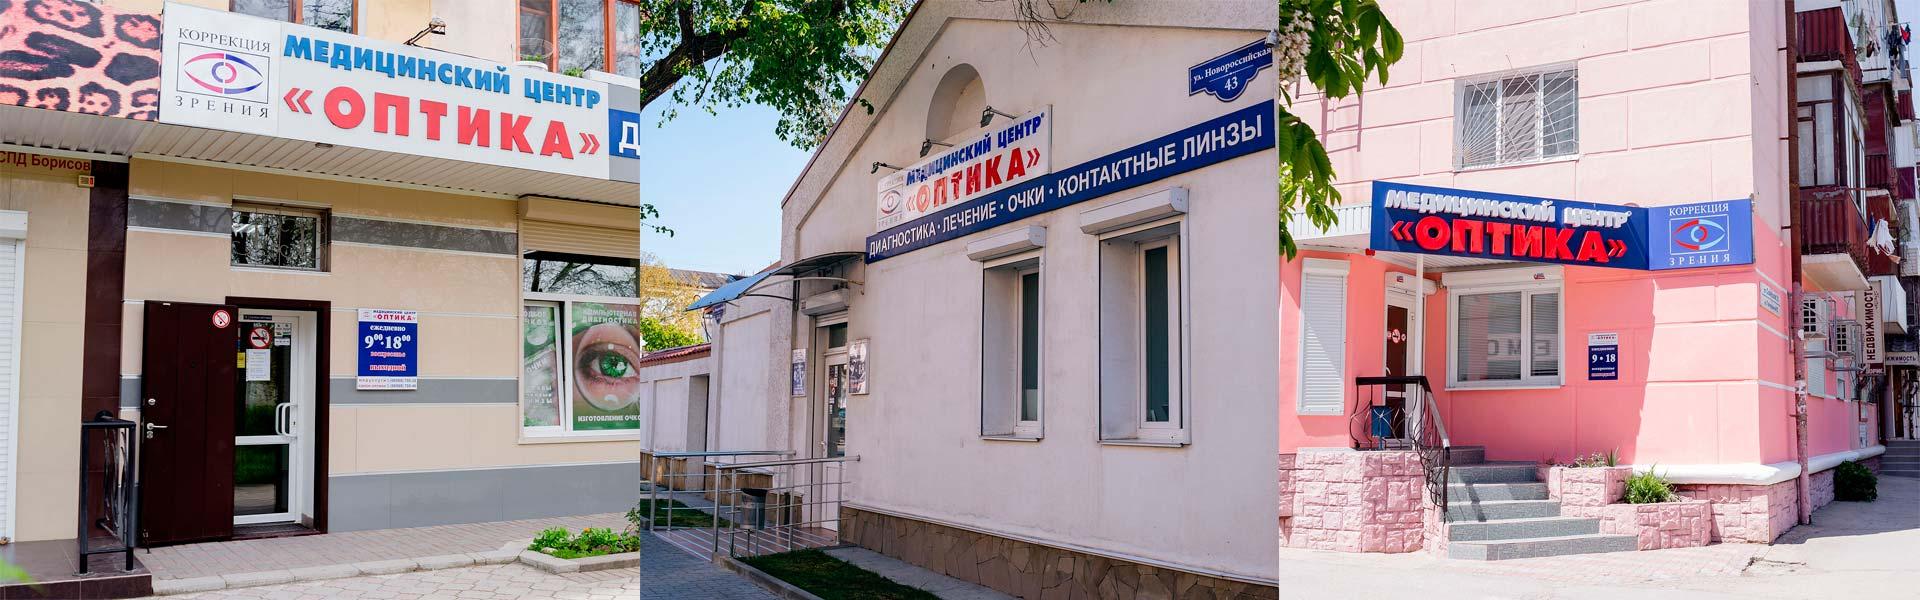 МЦ Оптика Севастополь Евпатория Феодосия